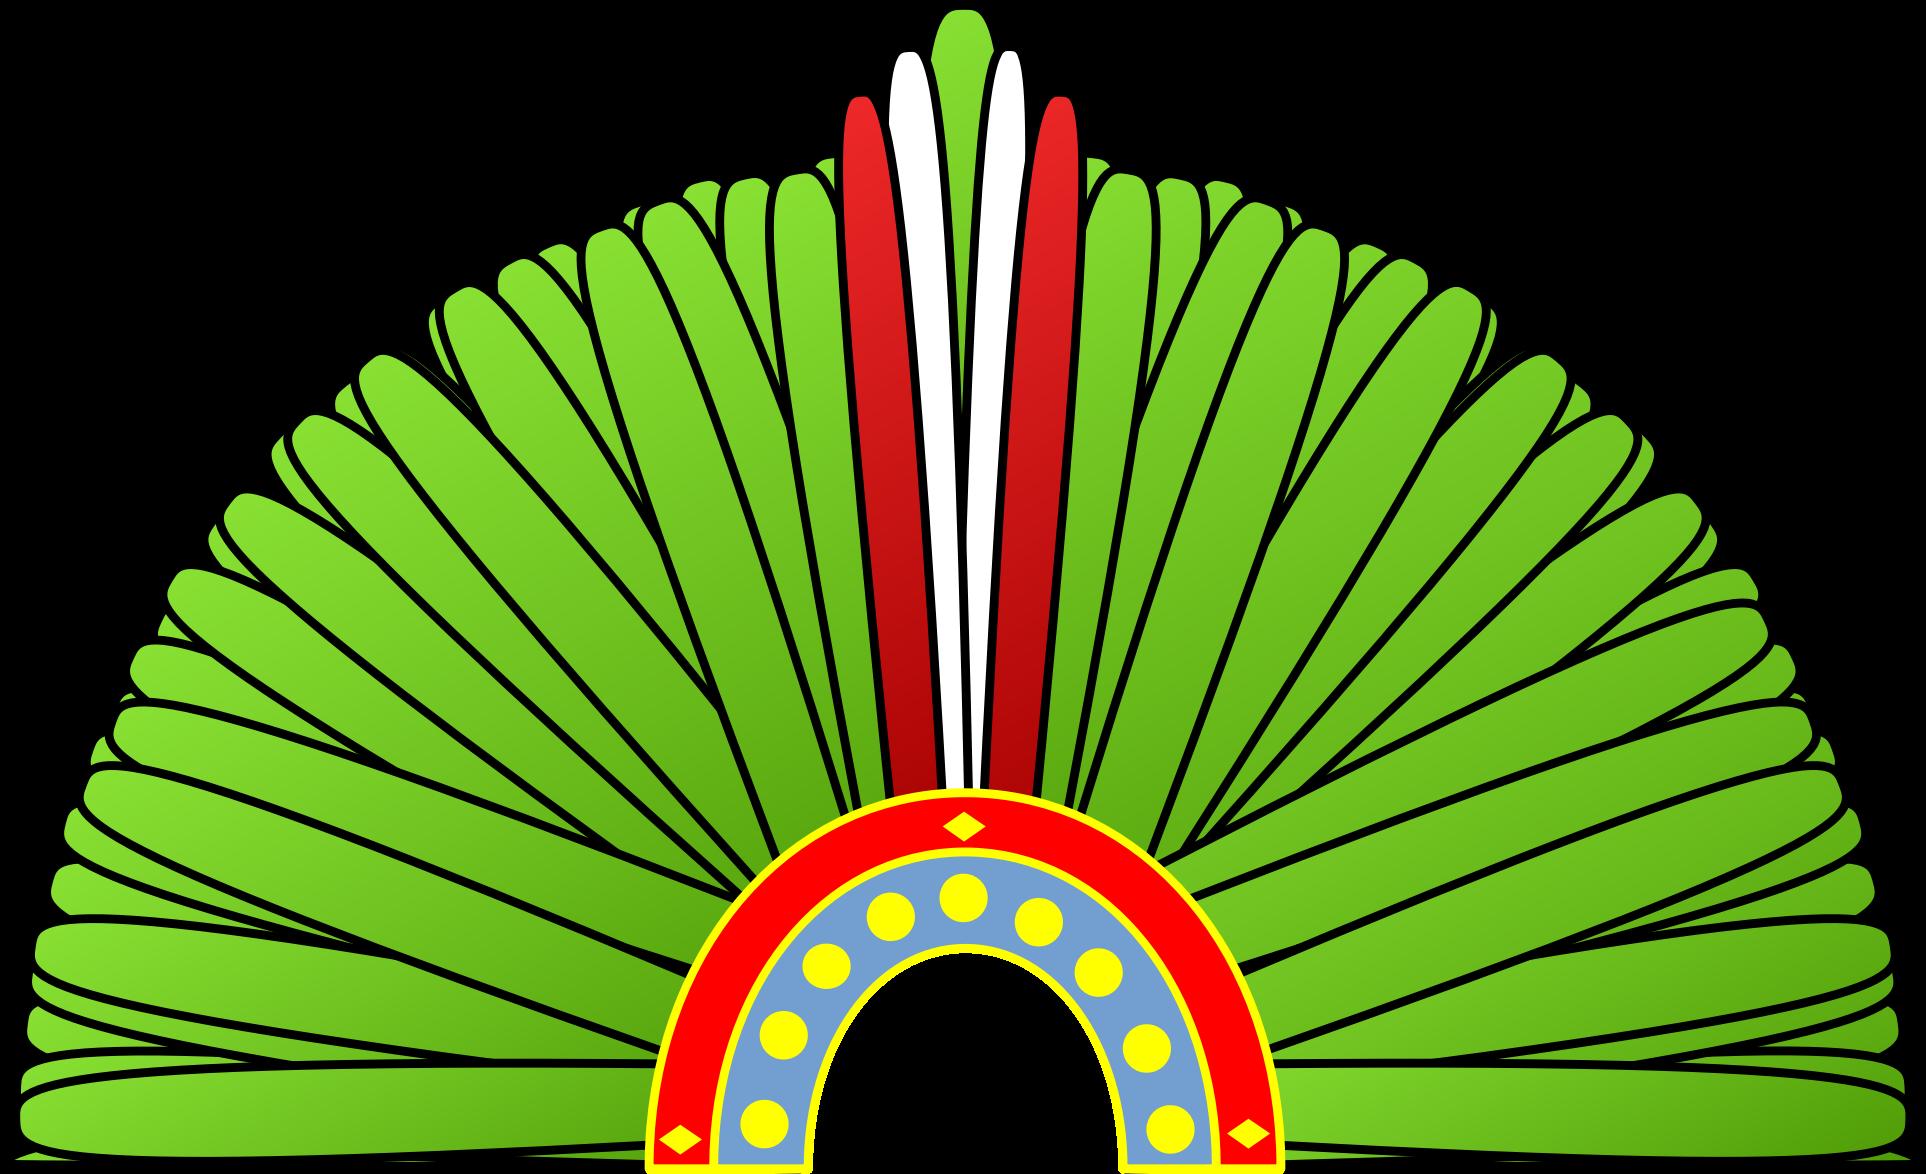 Crown corona azteca pantekatl. Farmer clipart aztec